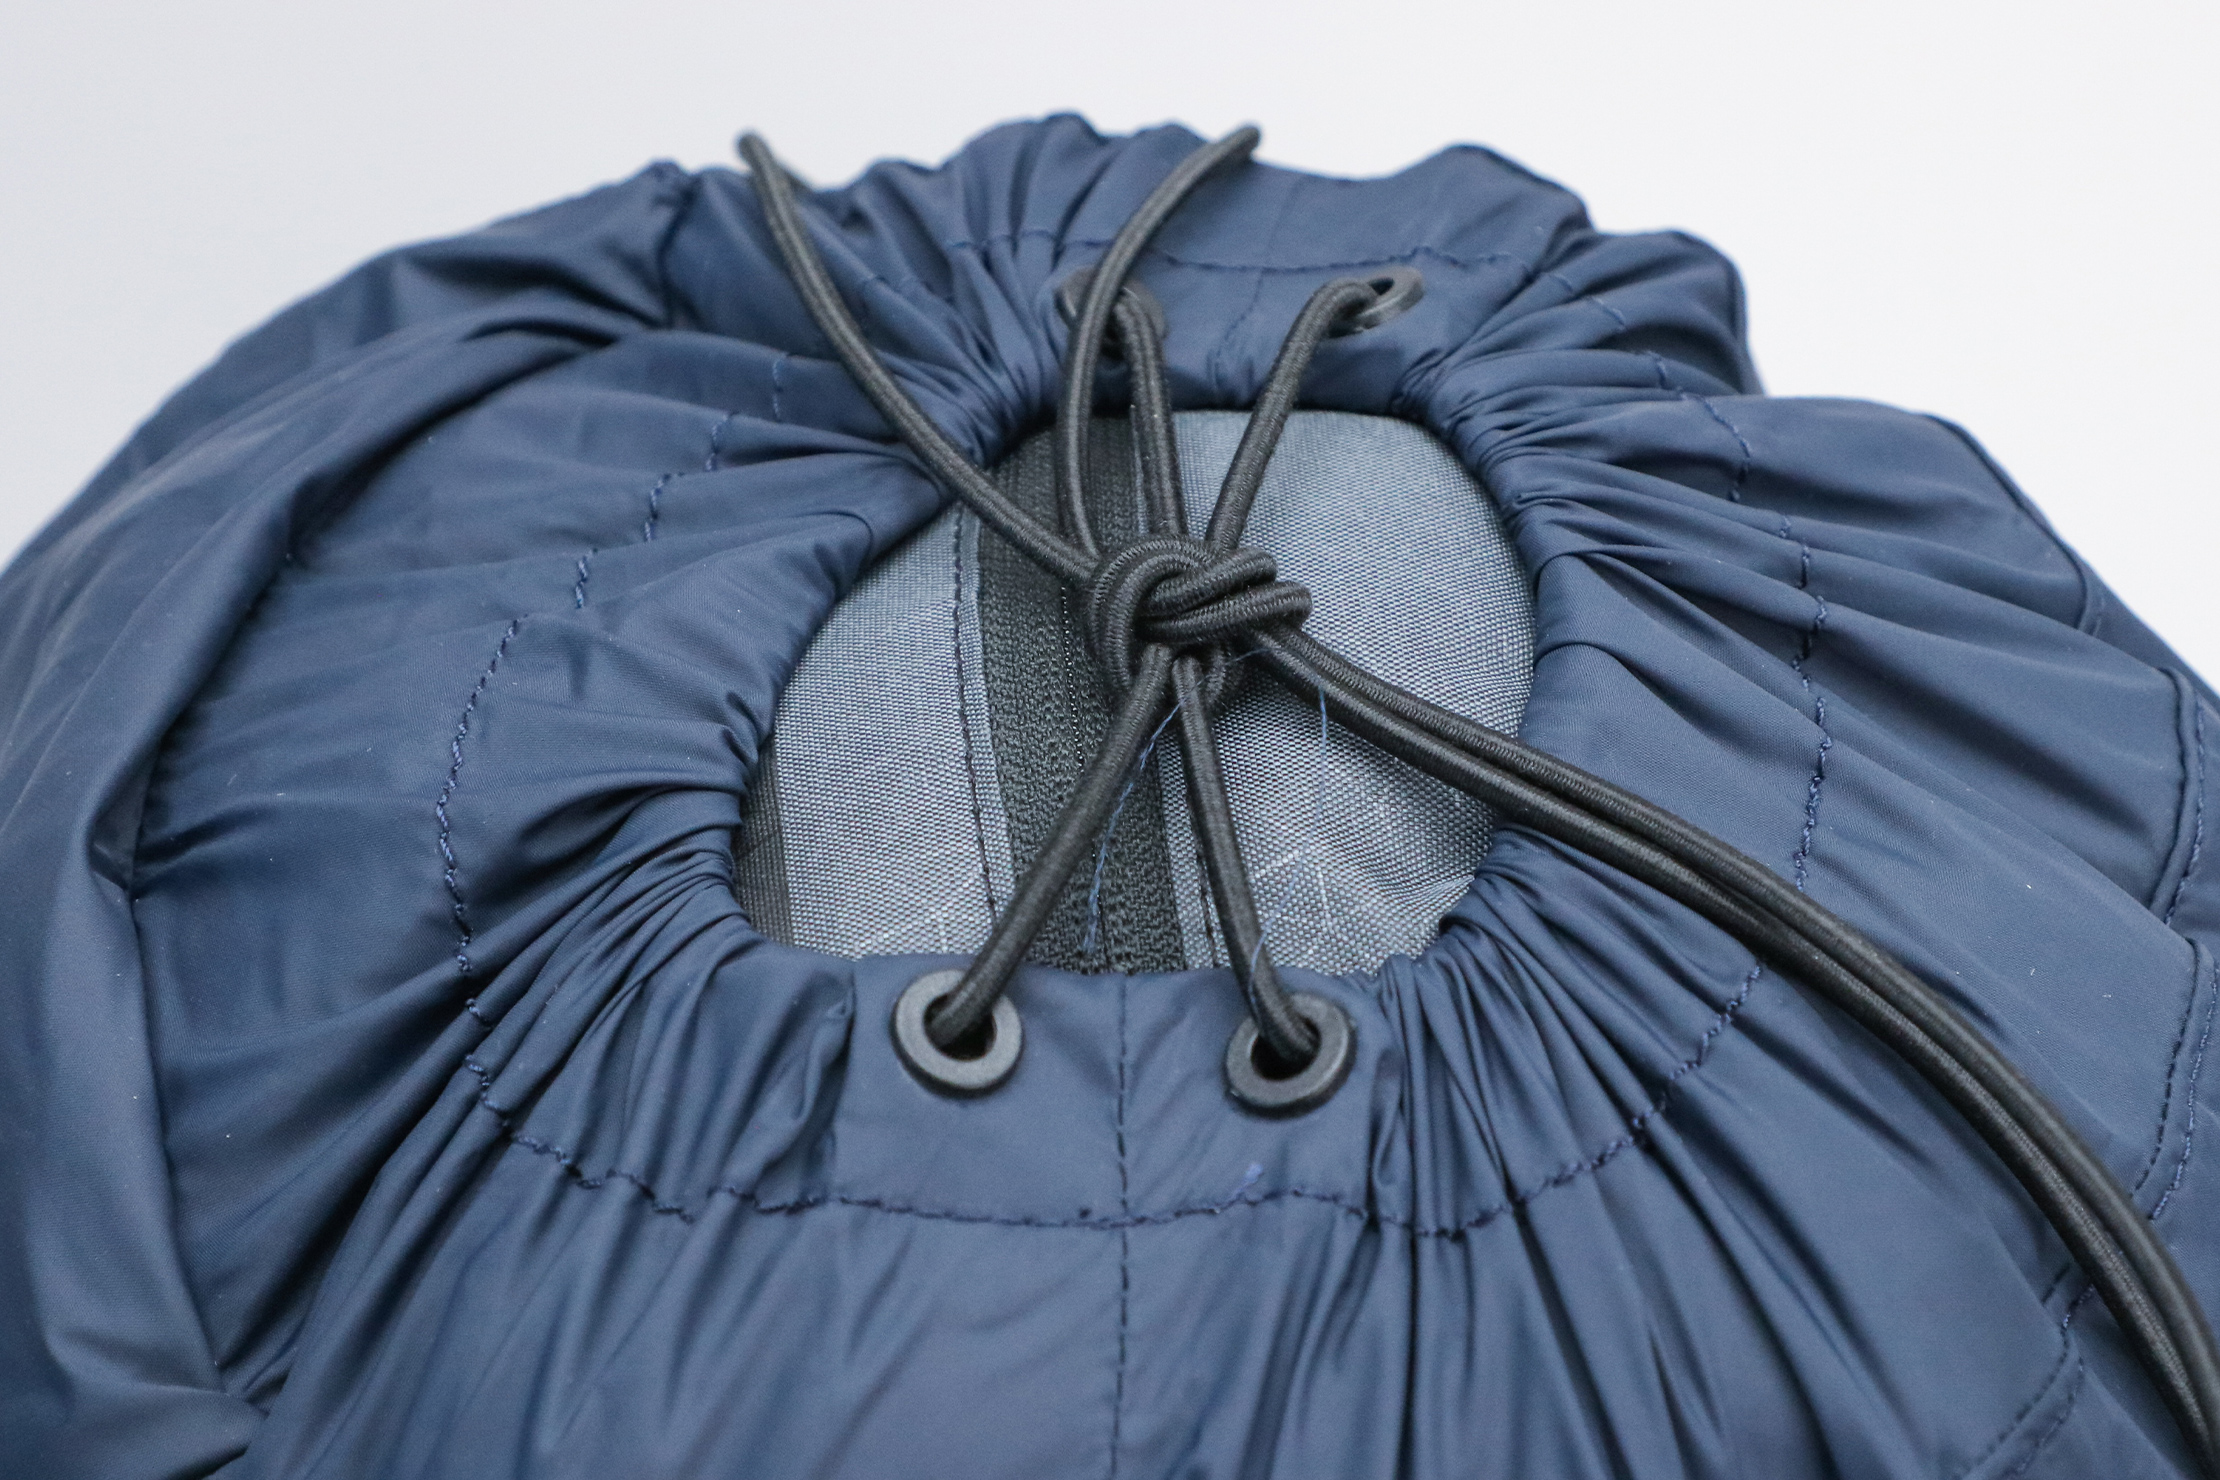 Away Packable Backpack Top Tied Indoor